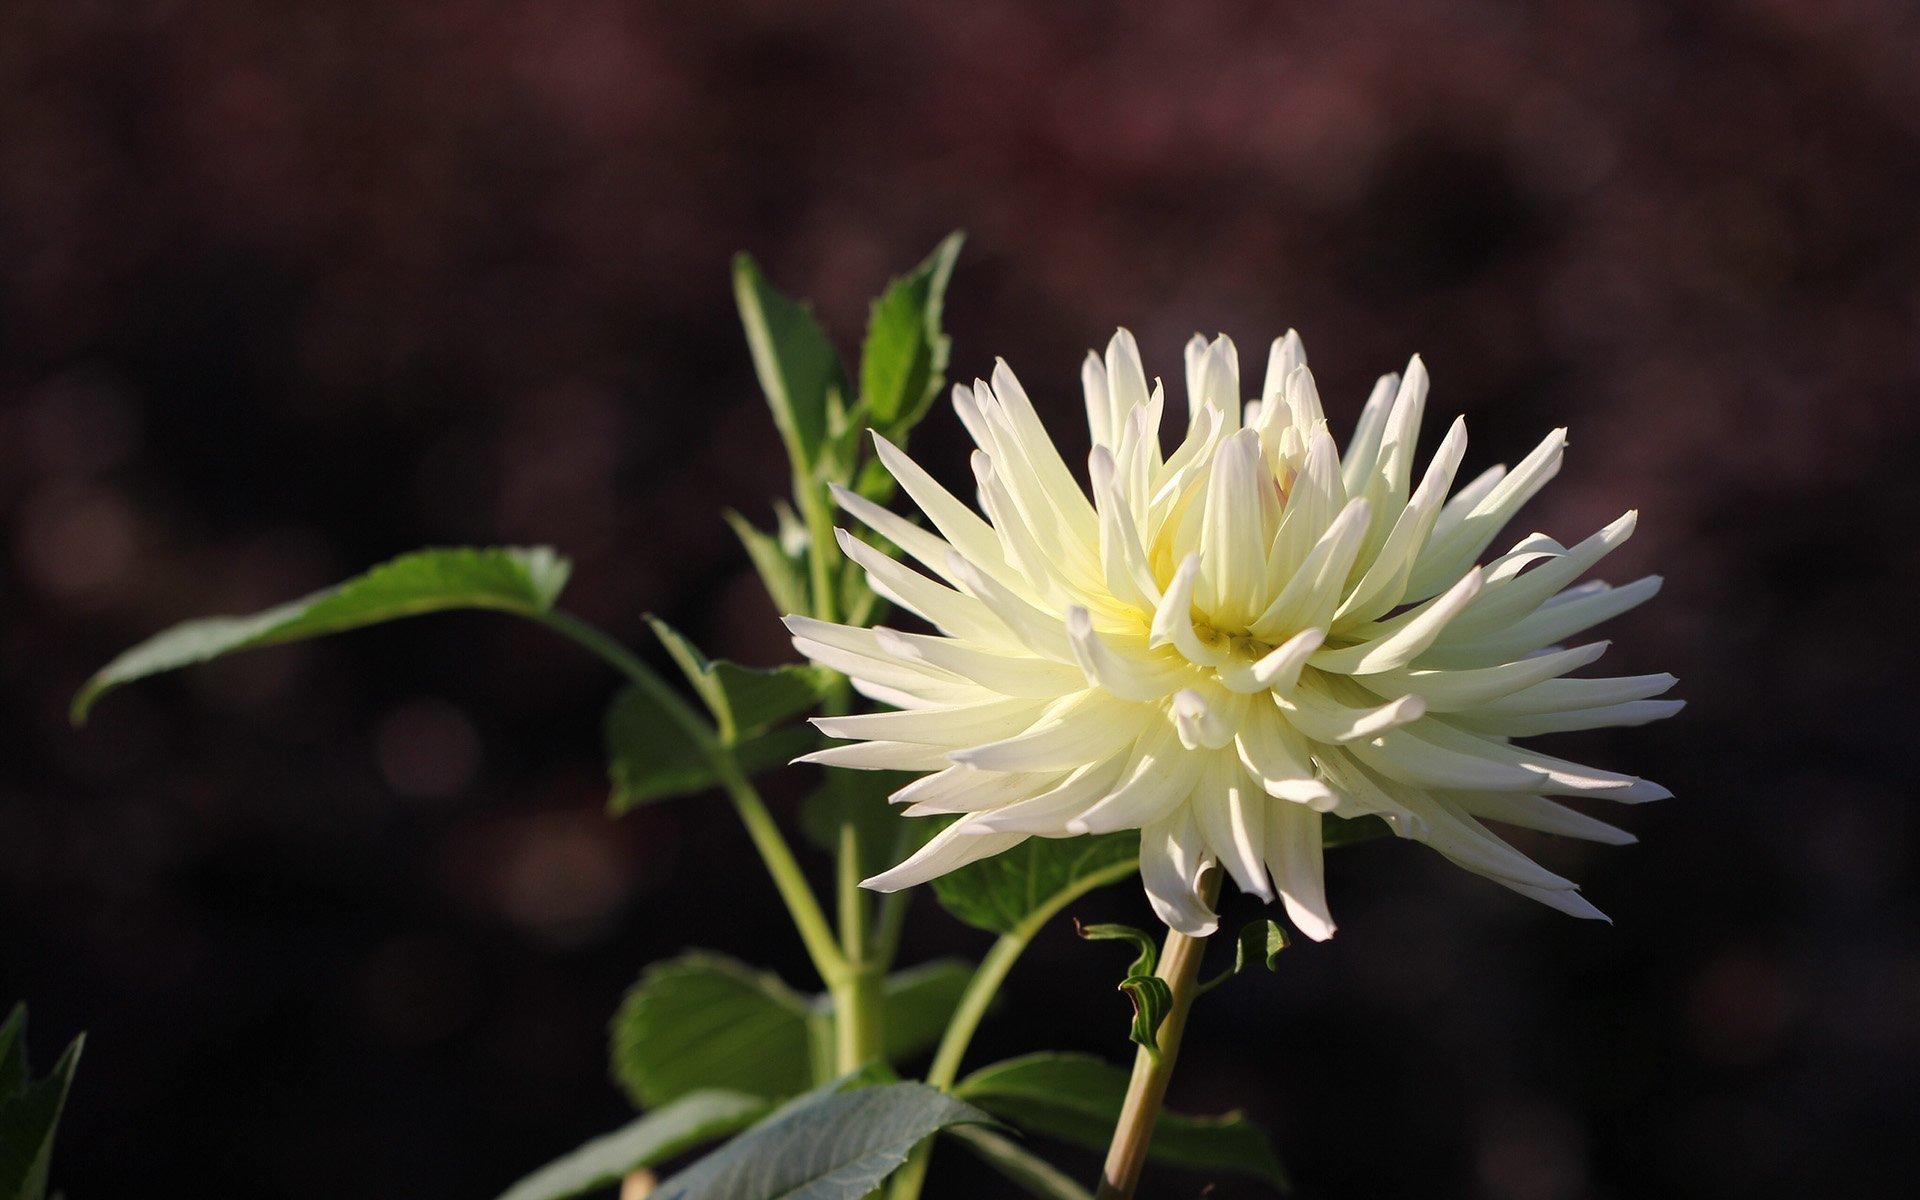 beyaz yıldız çiçeği